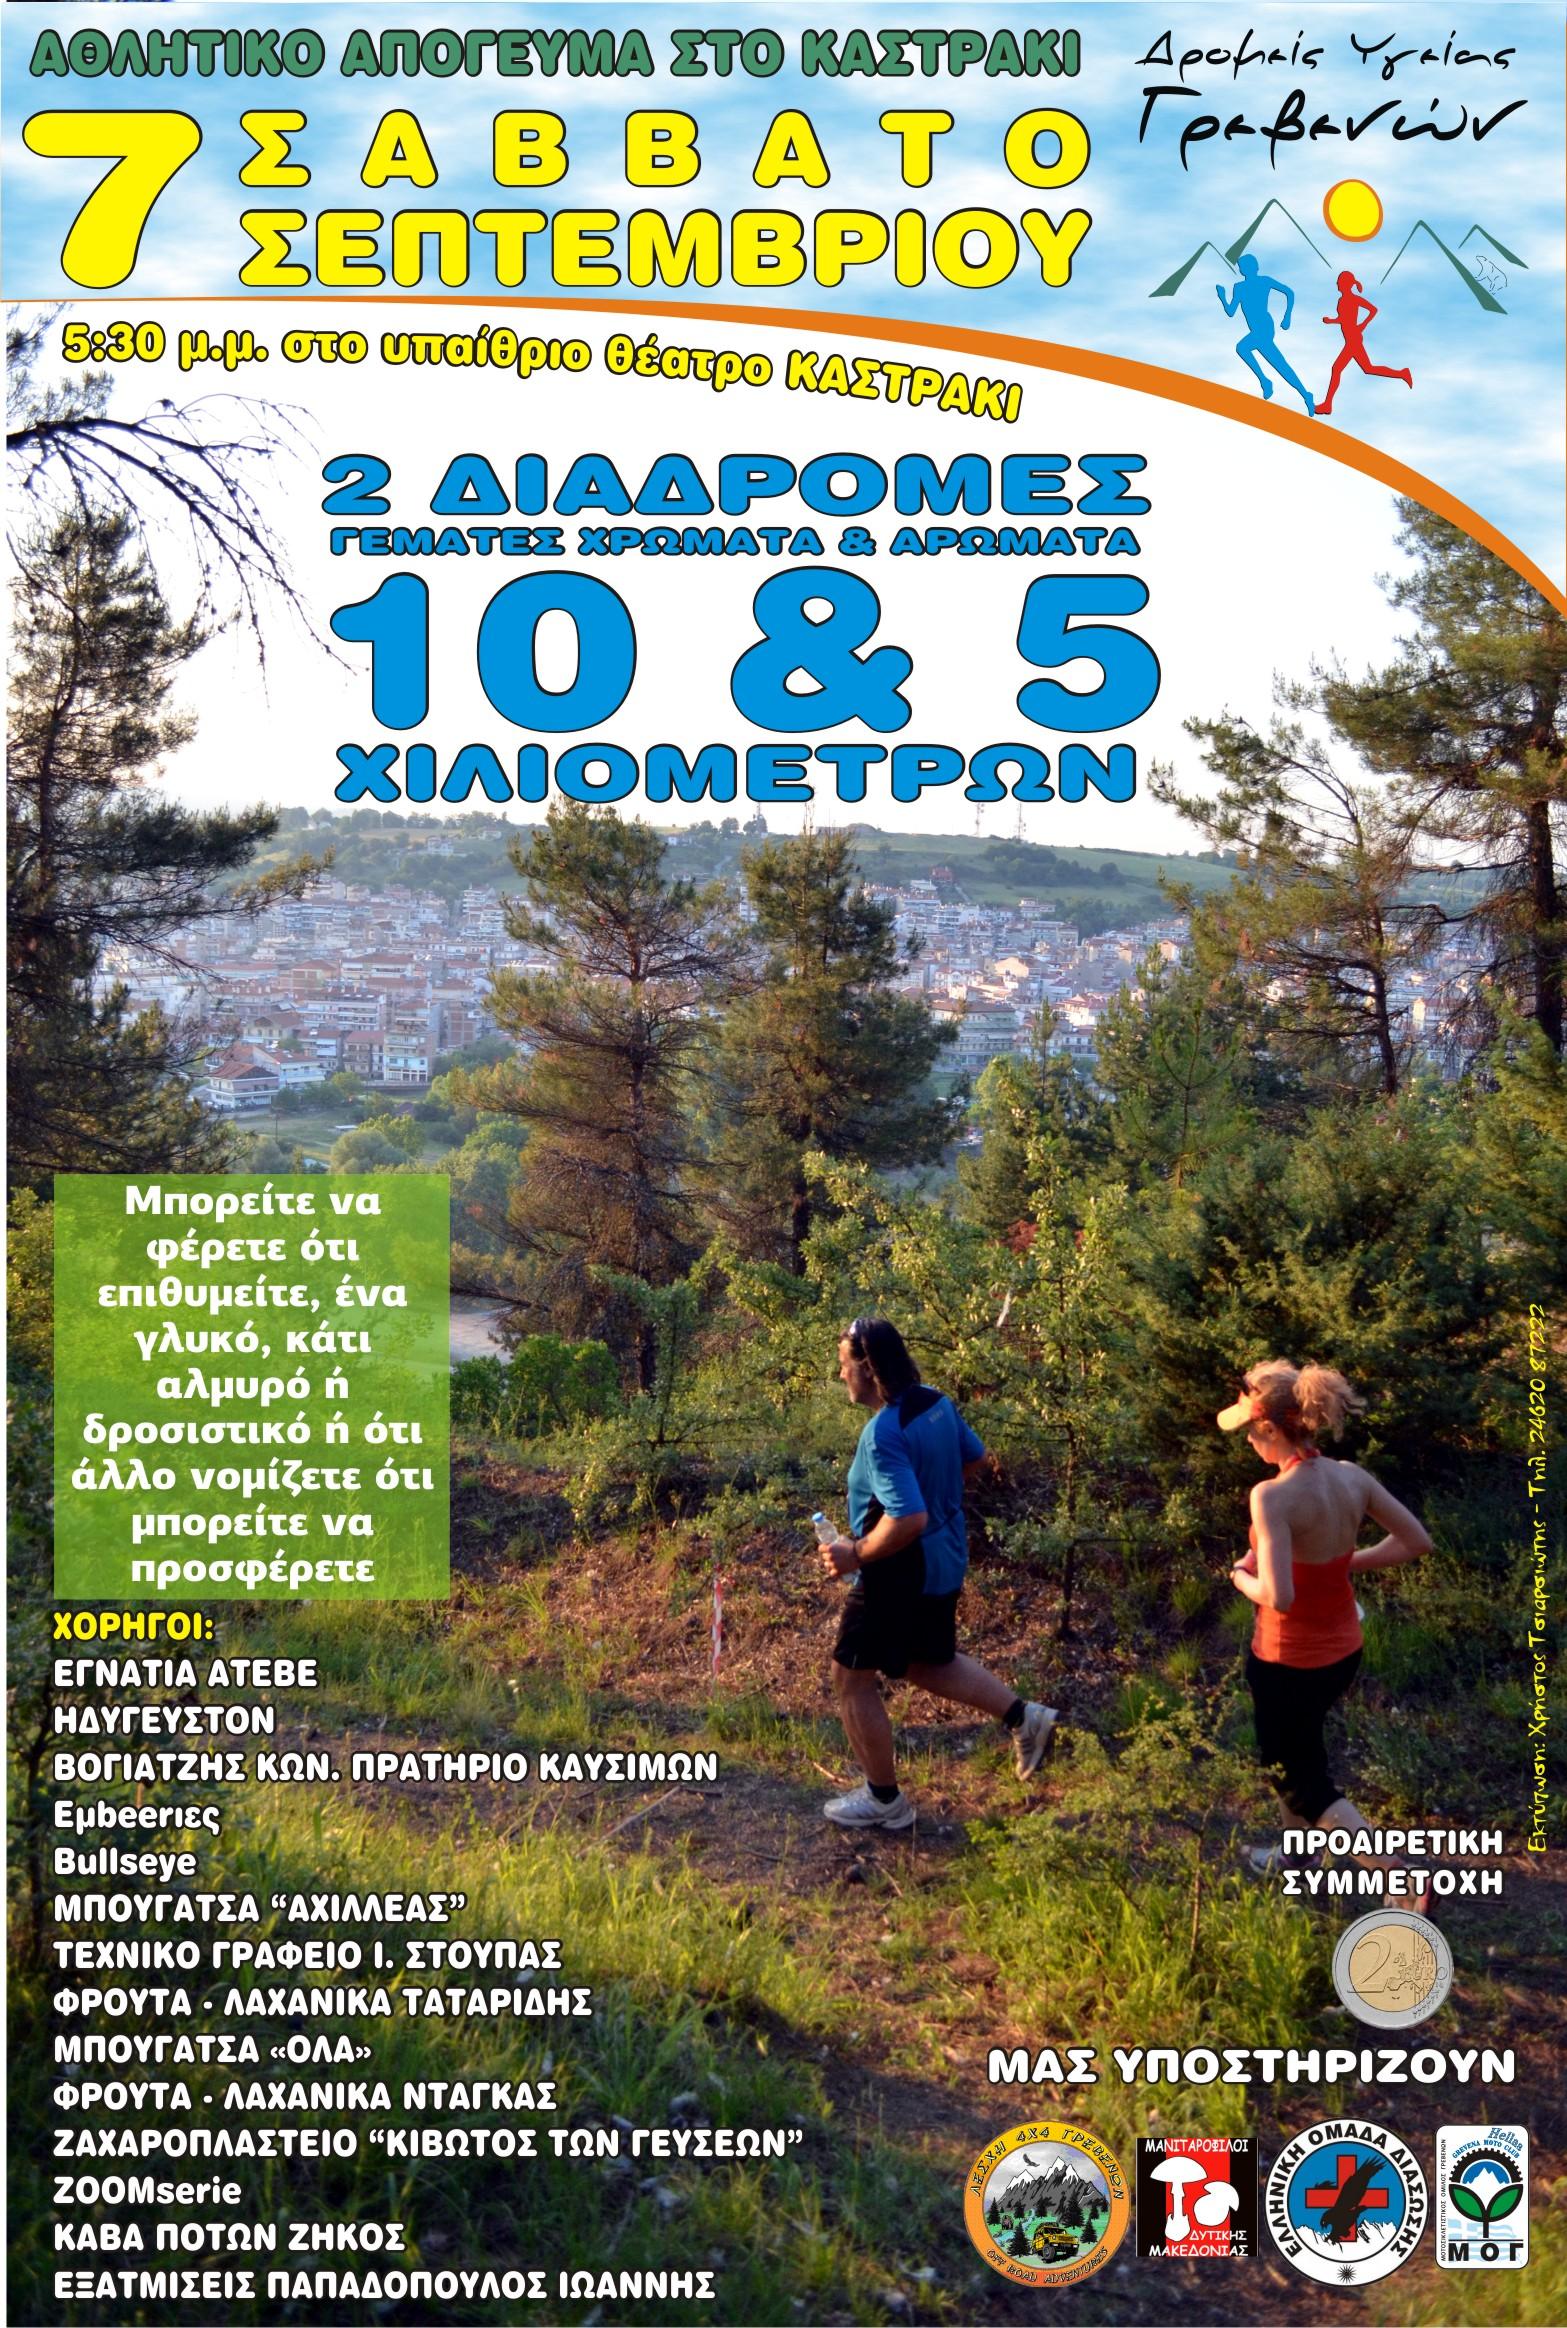 Αγώνας ορεινού τρεξίματος στο Καστράκι – Συμπληρώστε online την υπεύθυνη δήλωση